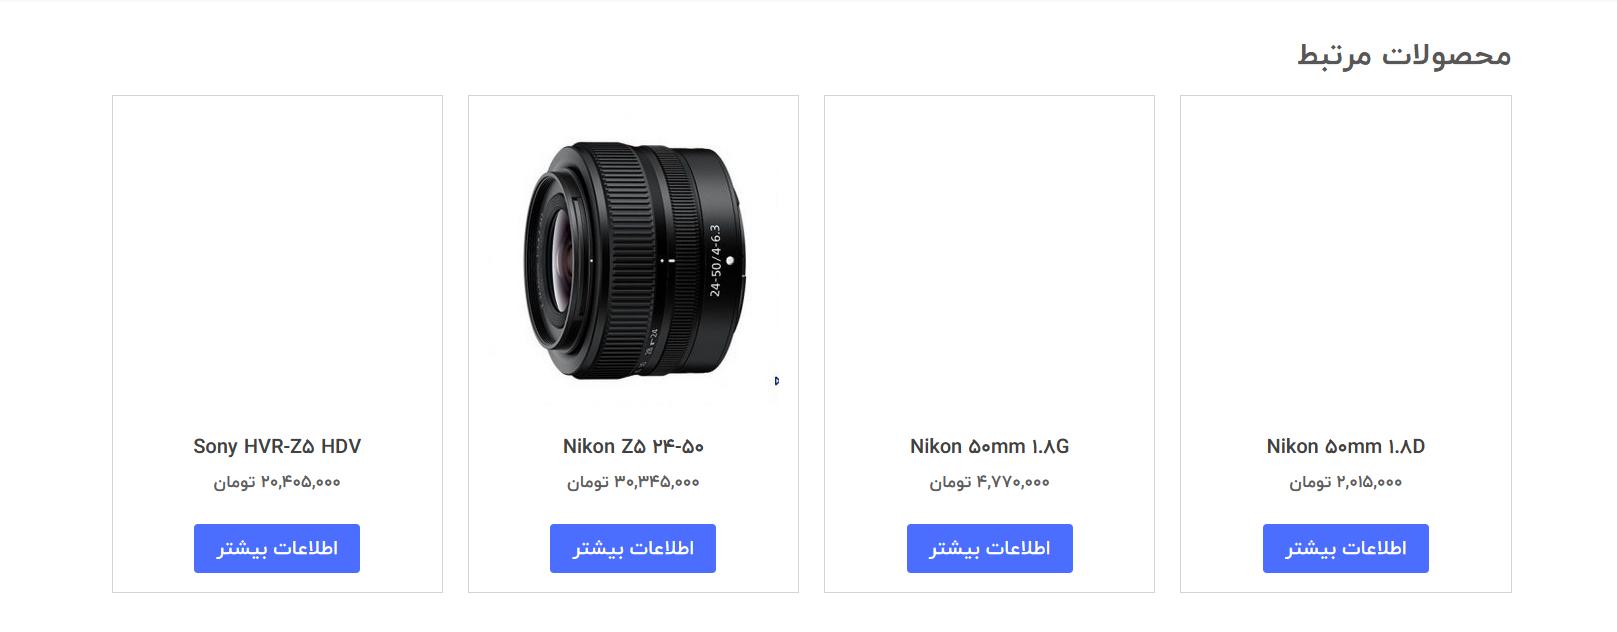 نمایش محصولات مرتبط در سایت